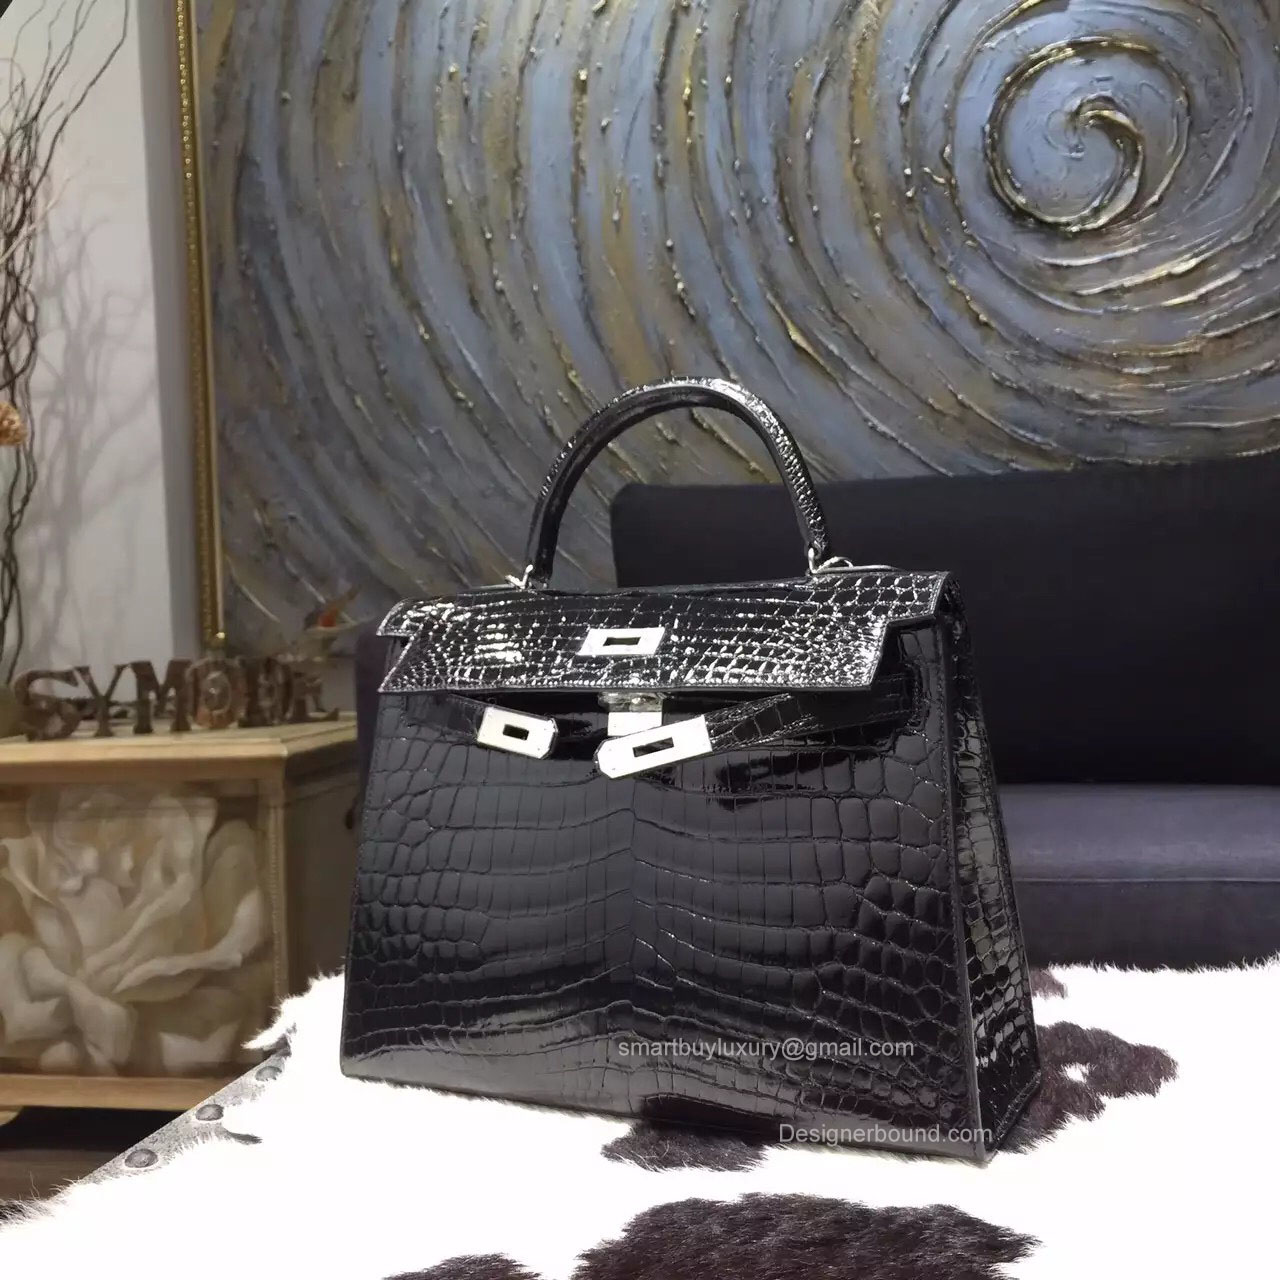 2f607a6a9a5f sale hermèskellyretourne32togonoirpl8 kopie e7b60 57804  coupon for hermes  kelly 32 bag black crocodile leather handstitched silver hw c7321 a479d